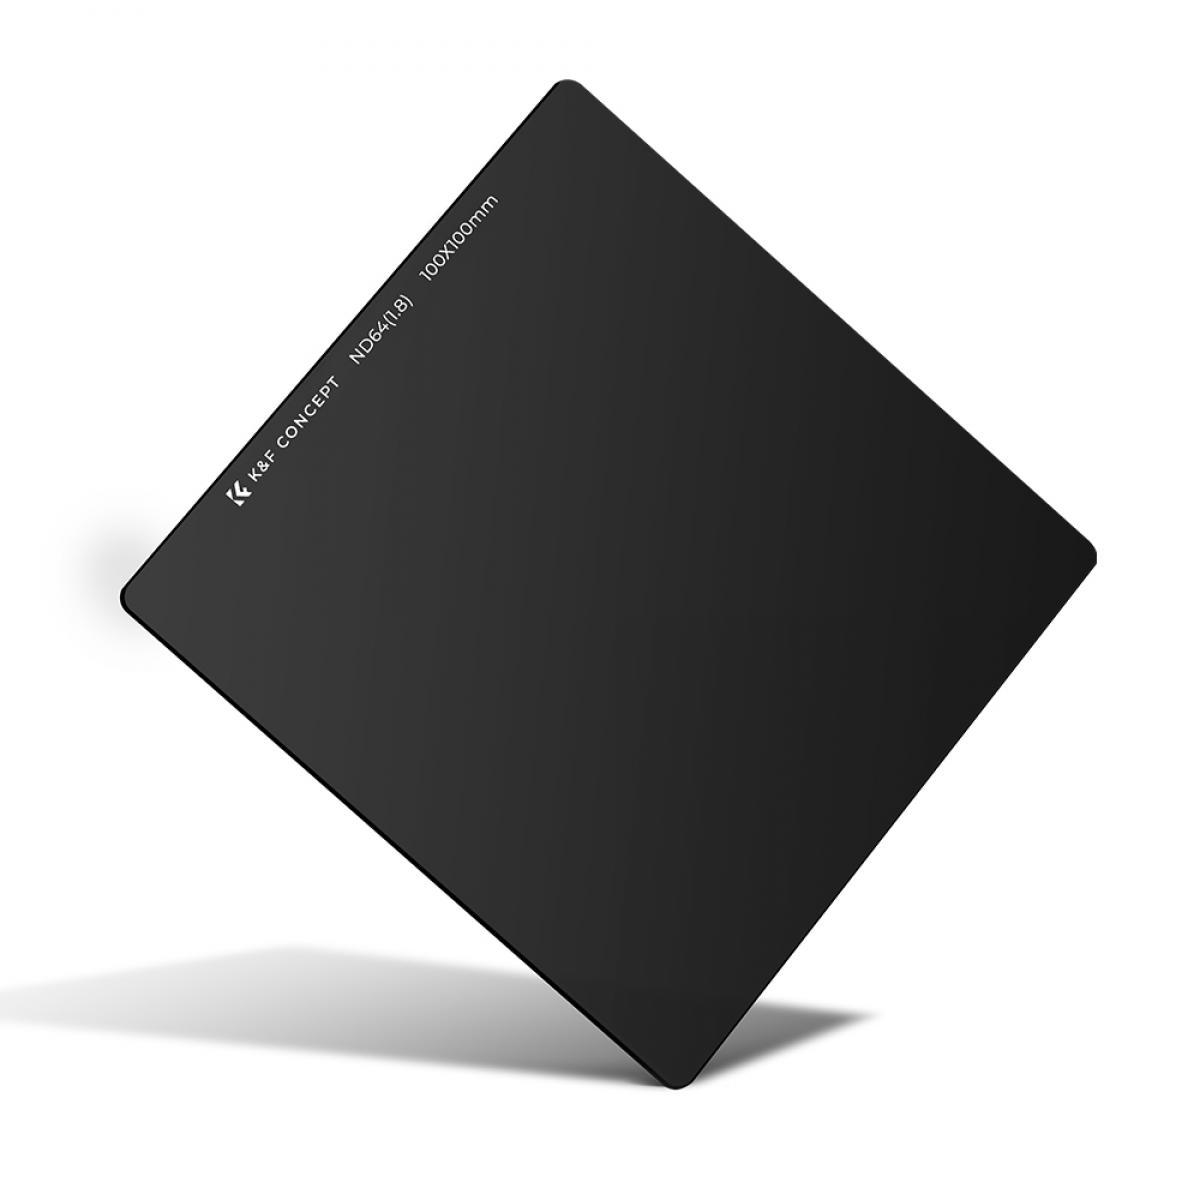 K&F Concept - Filtro de Densidad Neutra de 6 pasos ND64 (1.8)  fabricado en cristal en Alemania de 100x100mm compatible con otras marcas de portafiltros